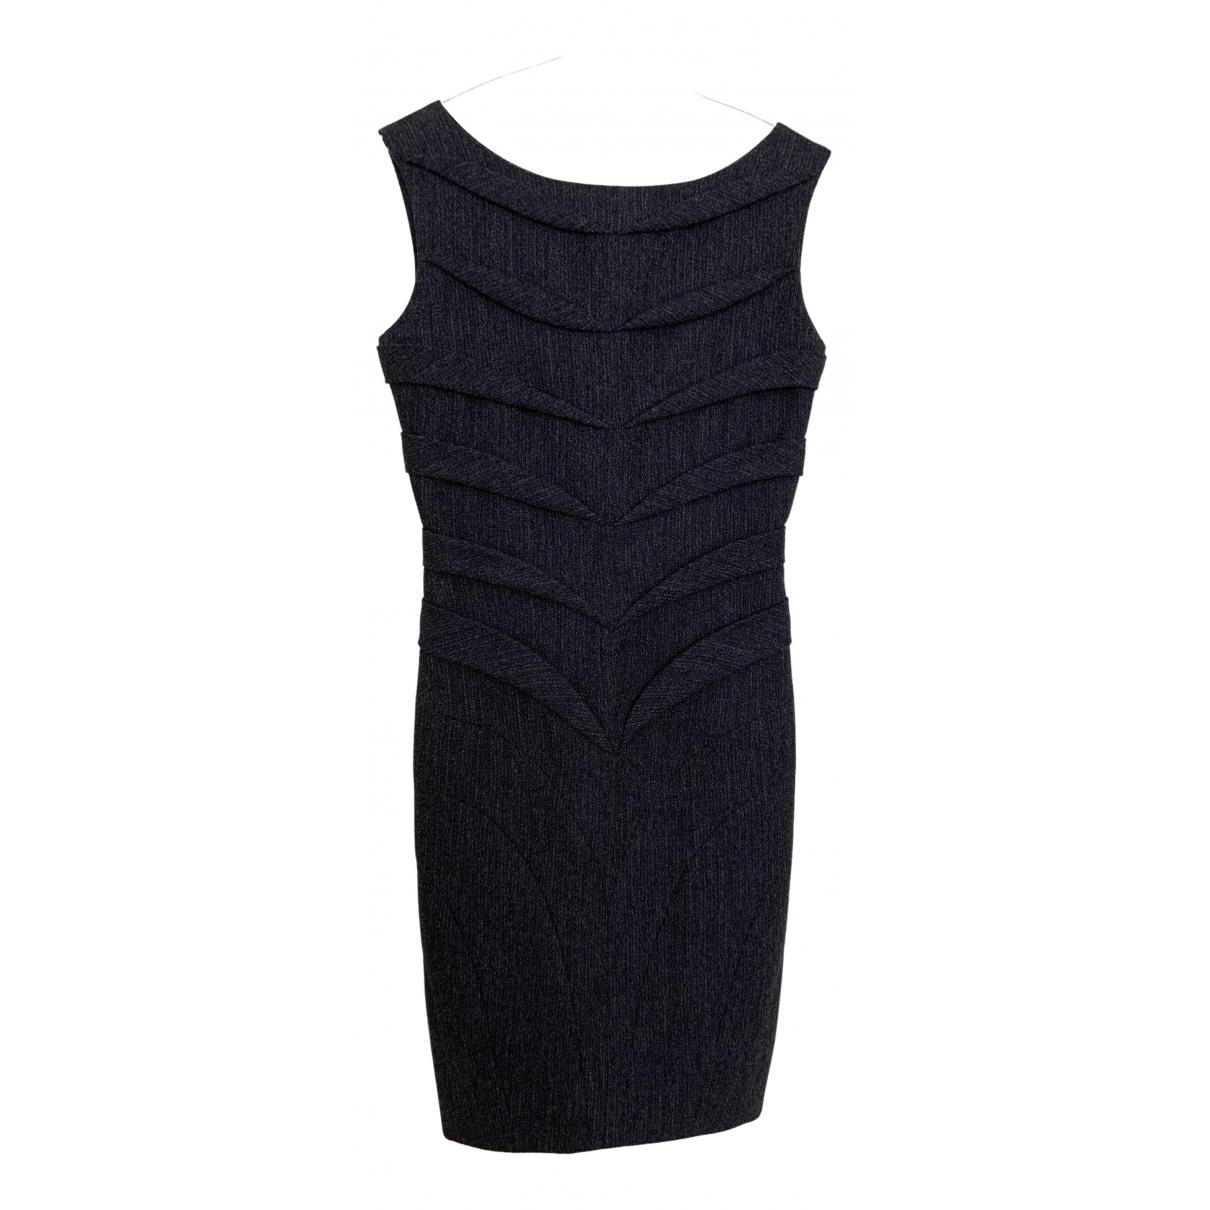 Jil Sander \N Kleid in  Anthrazit Wolle